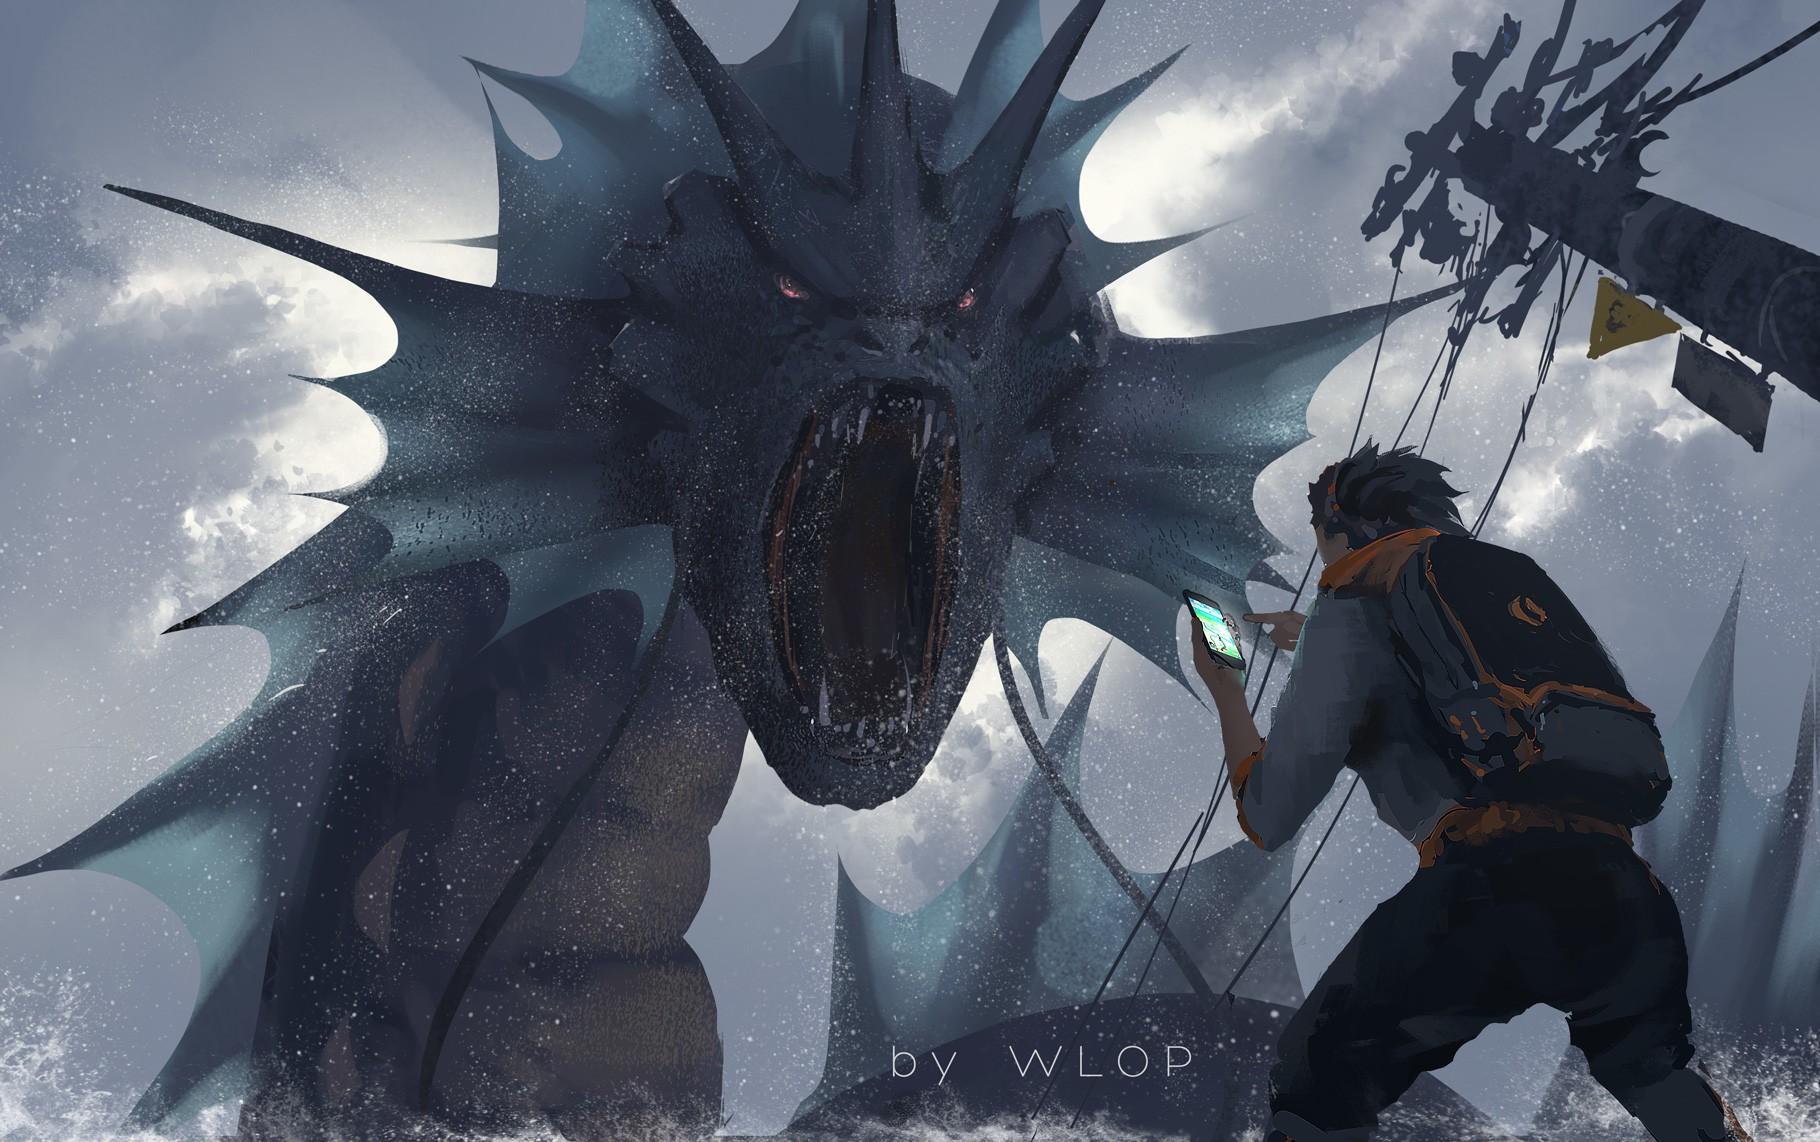 Nghệ thuật tưởng tượng WLOP Pokmon Rồng Pokemon Go Thần thoại Ảnh chụp màn hình Nhân